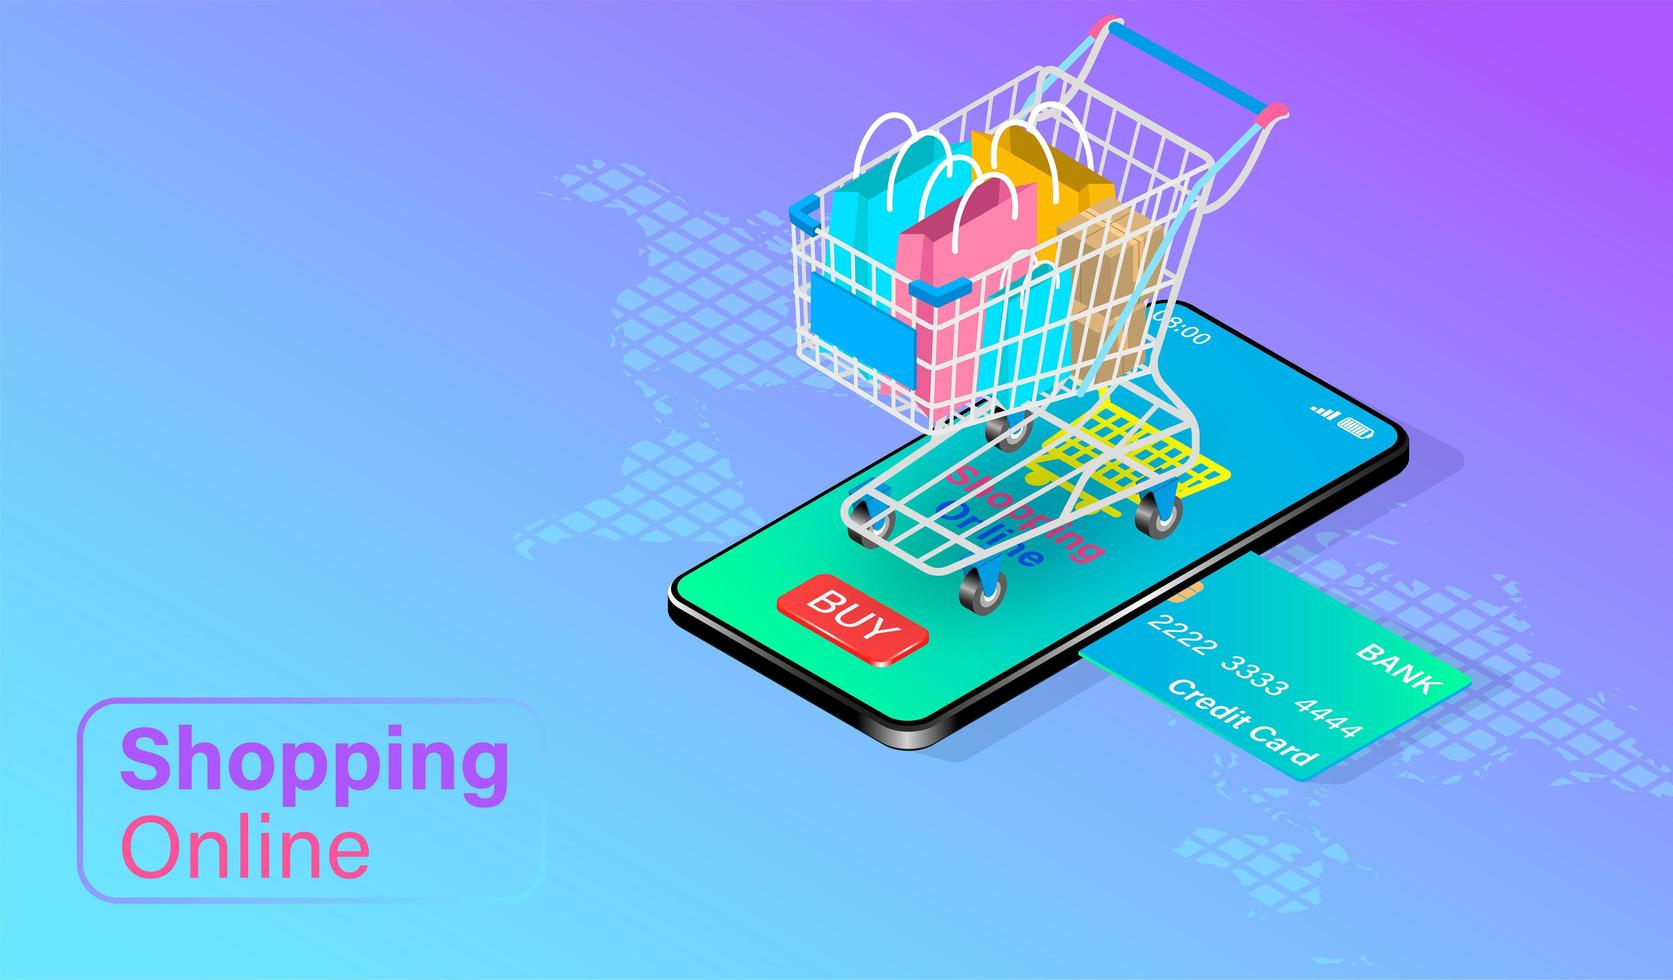 compras on-line conceito com carrinho no celular vetor